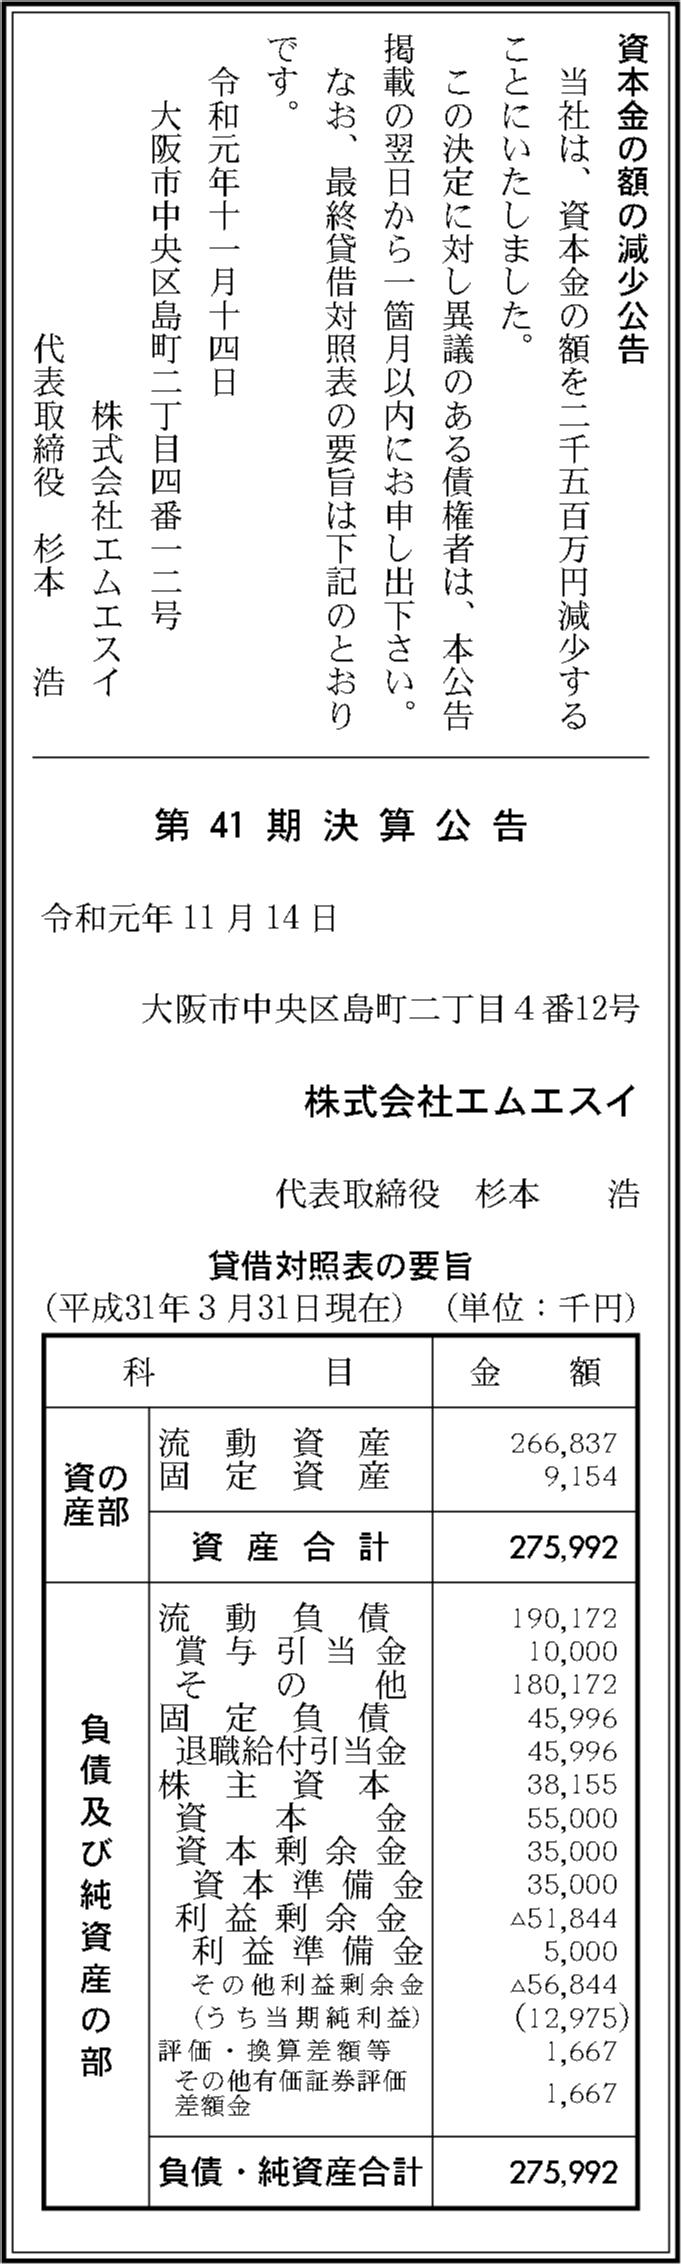 0063 93bc49308151f761a5c774165b6600d19b91fee87f2ba7f22638914449a8df5a6b1bb07588ce02697e7a44f23cd7d7b528c5eaf72d770960e6f76c4653cce541 03